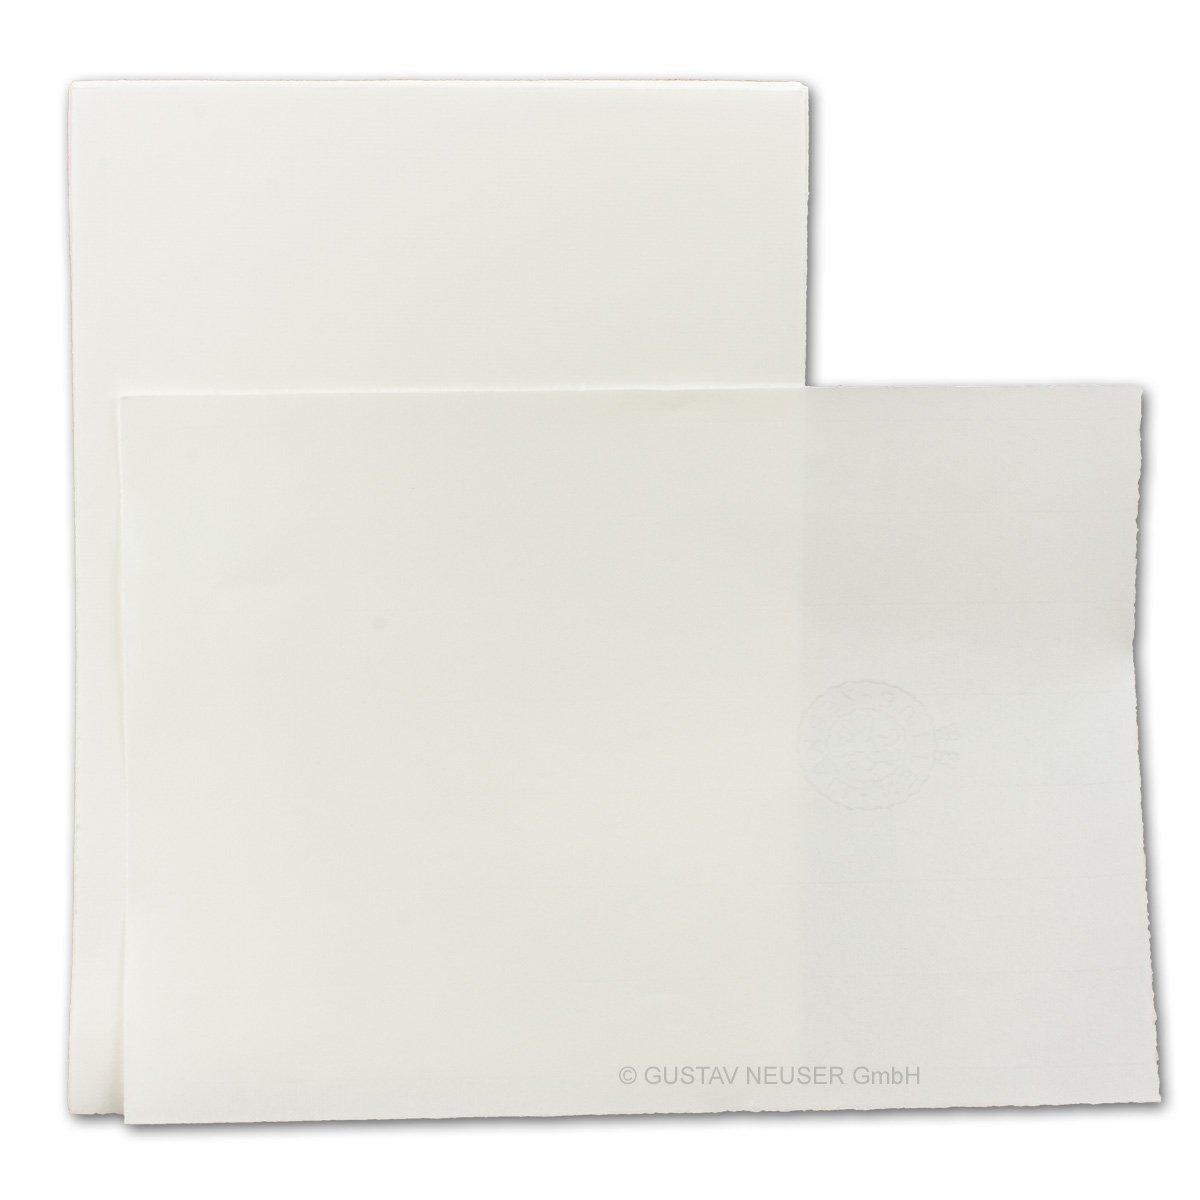 75er Briefset aus Echtem Büttenpapier I 150-teilig 150-teilig 150-teilig I Din A4 Bogen  Din Lang Umschläge gefüttert I Gebrochen-Weiß I Altweiß B07DW6HT4M | Angemessene Lieferung und pünktliche Lieferung  7d3a96